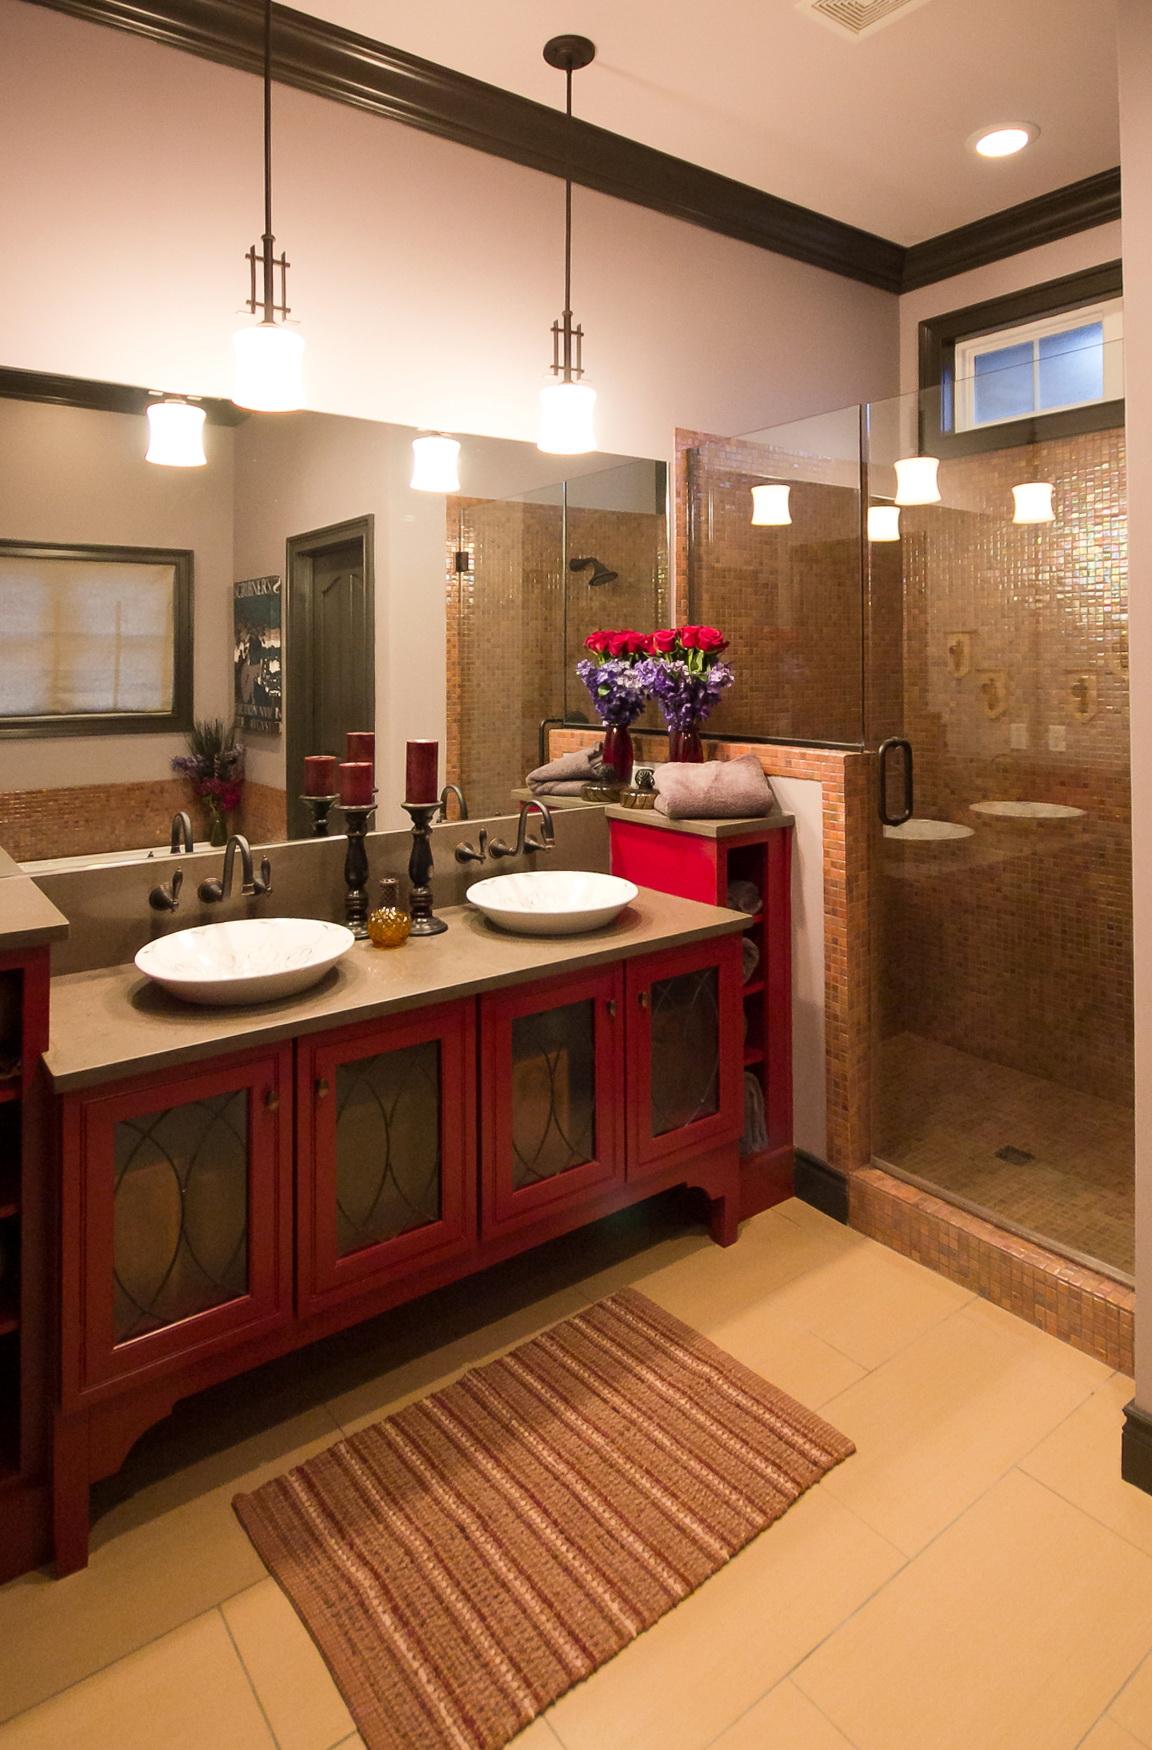 Kraftmaid Bathroom Vanities Reviews